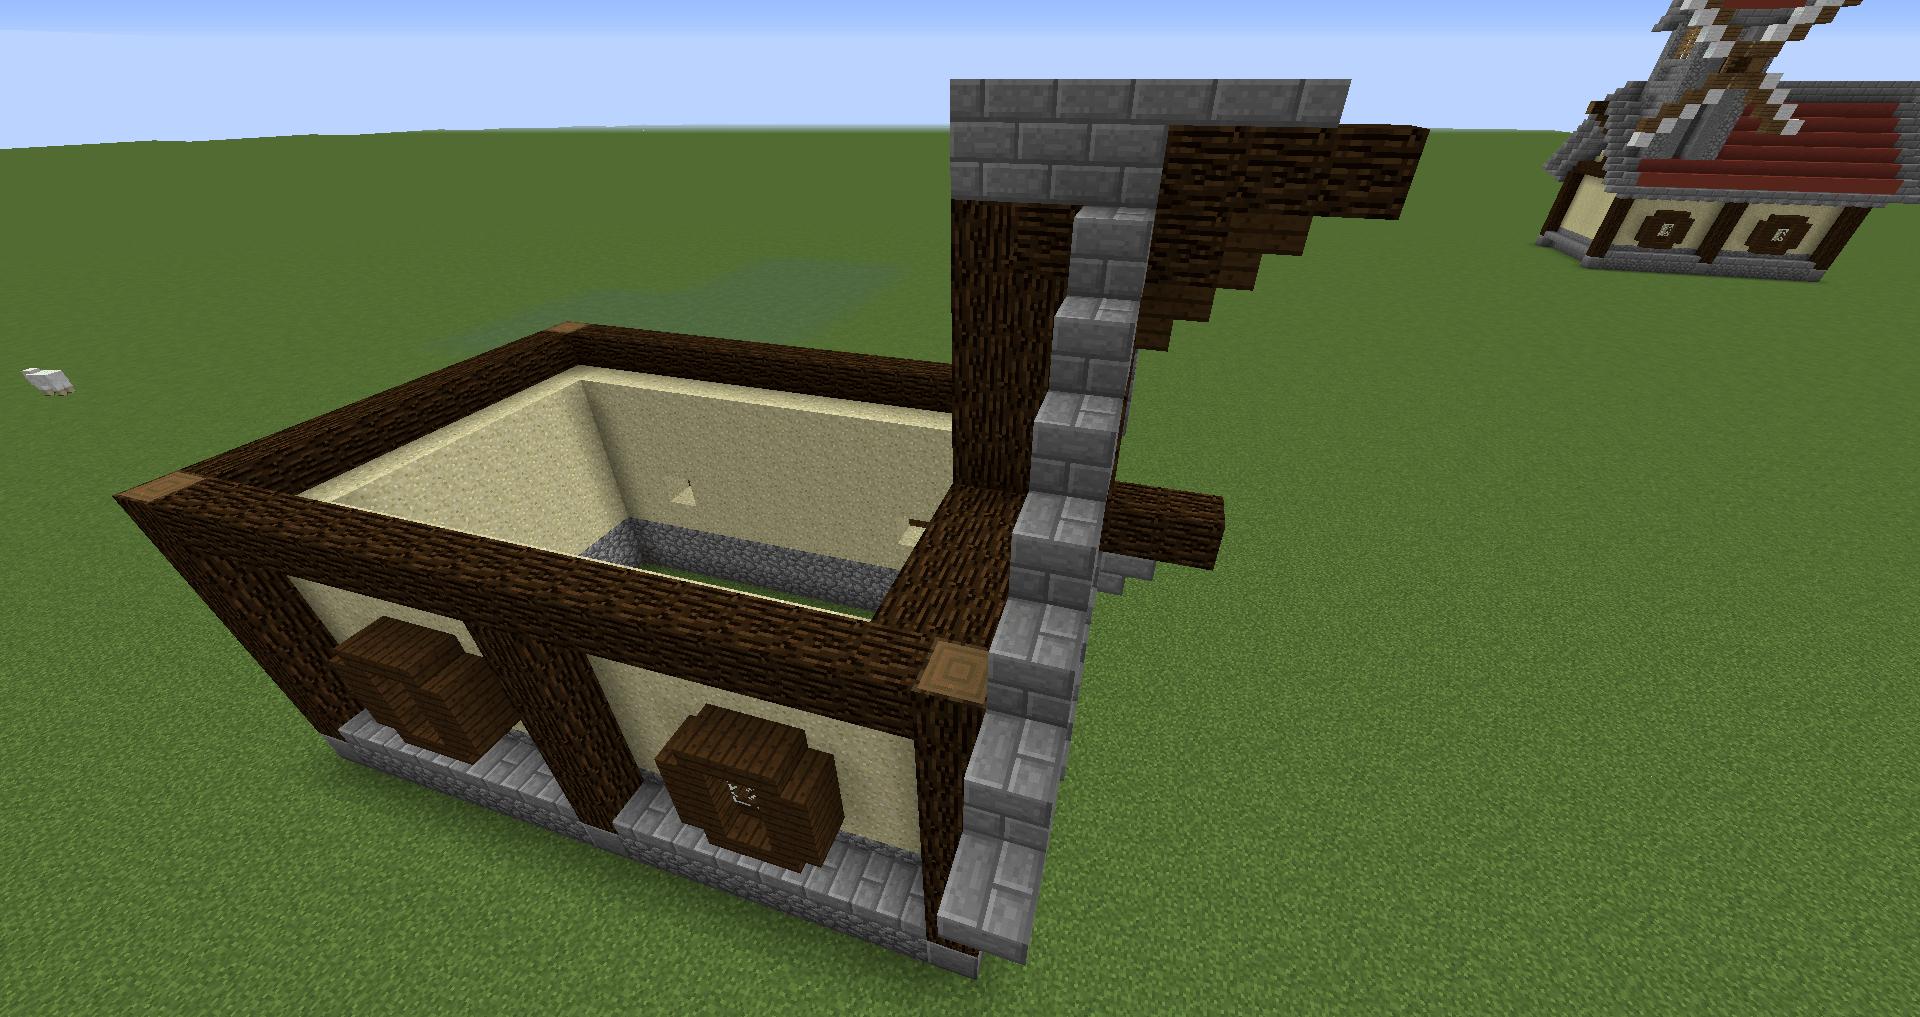 マインクラフト 風車小屋の作り方 簡単建築22